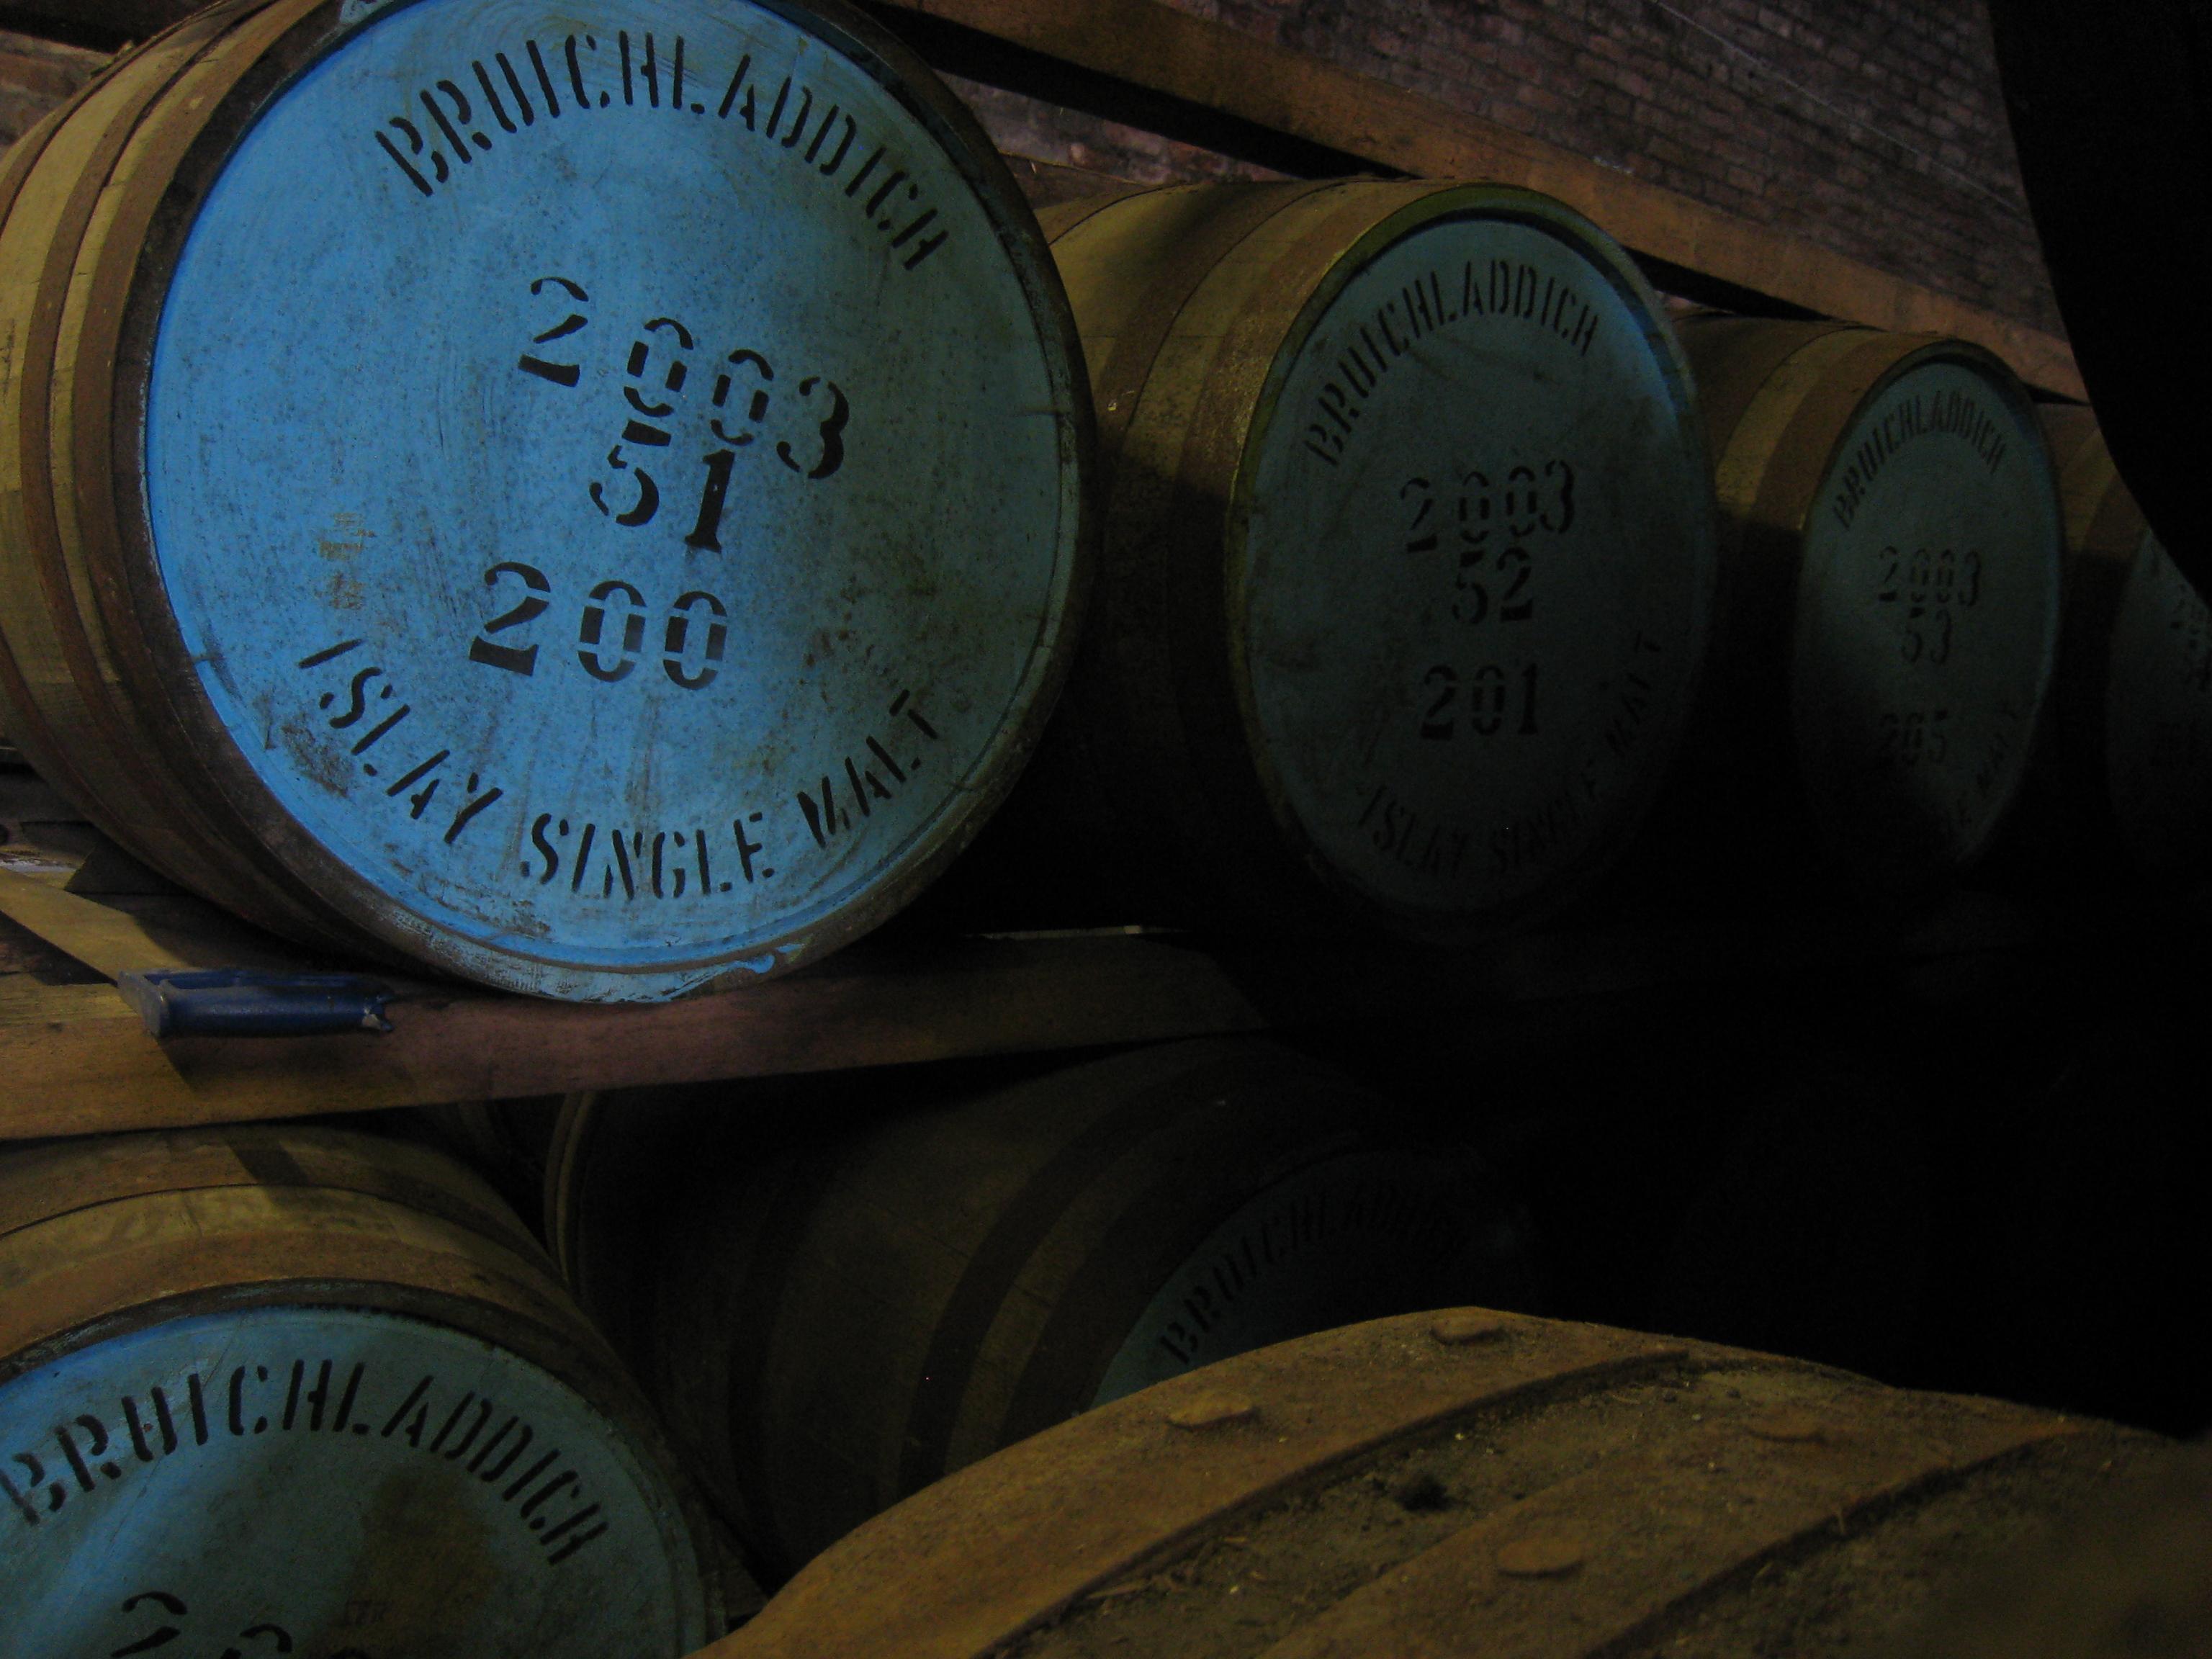 Warehouse full of scotch casks